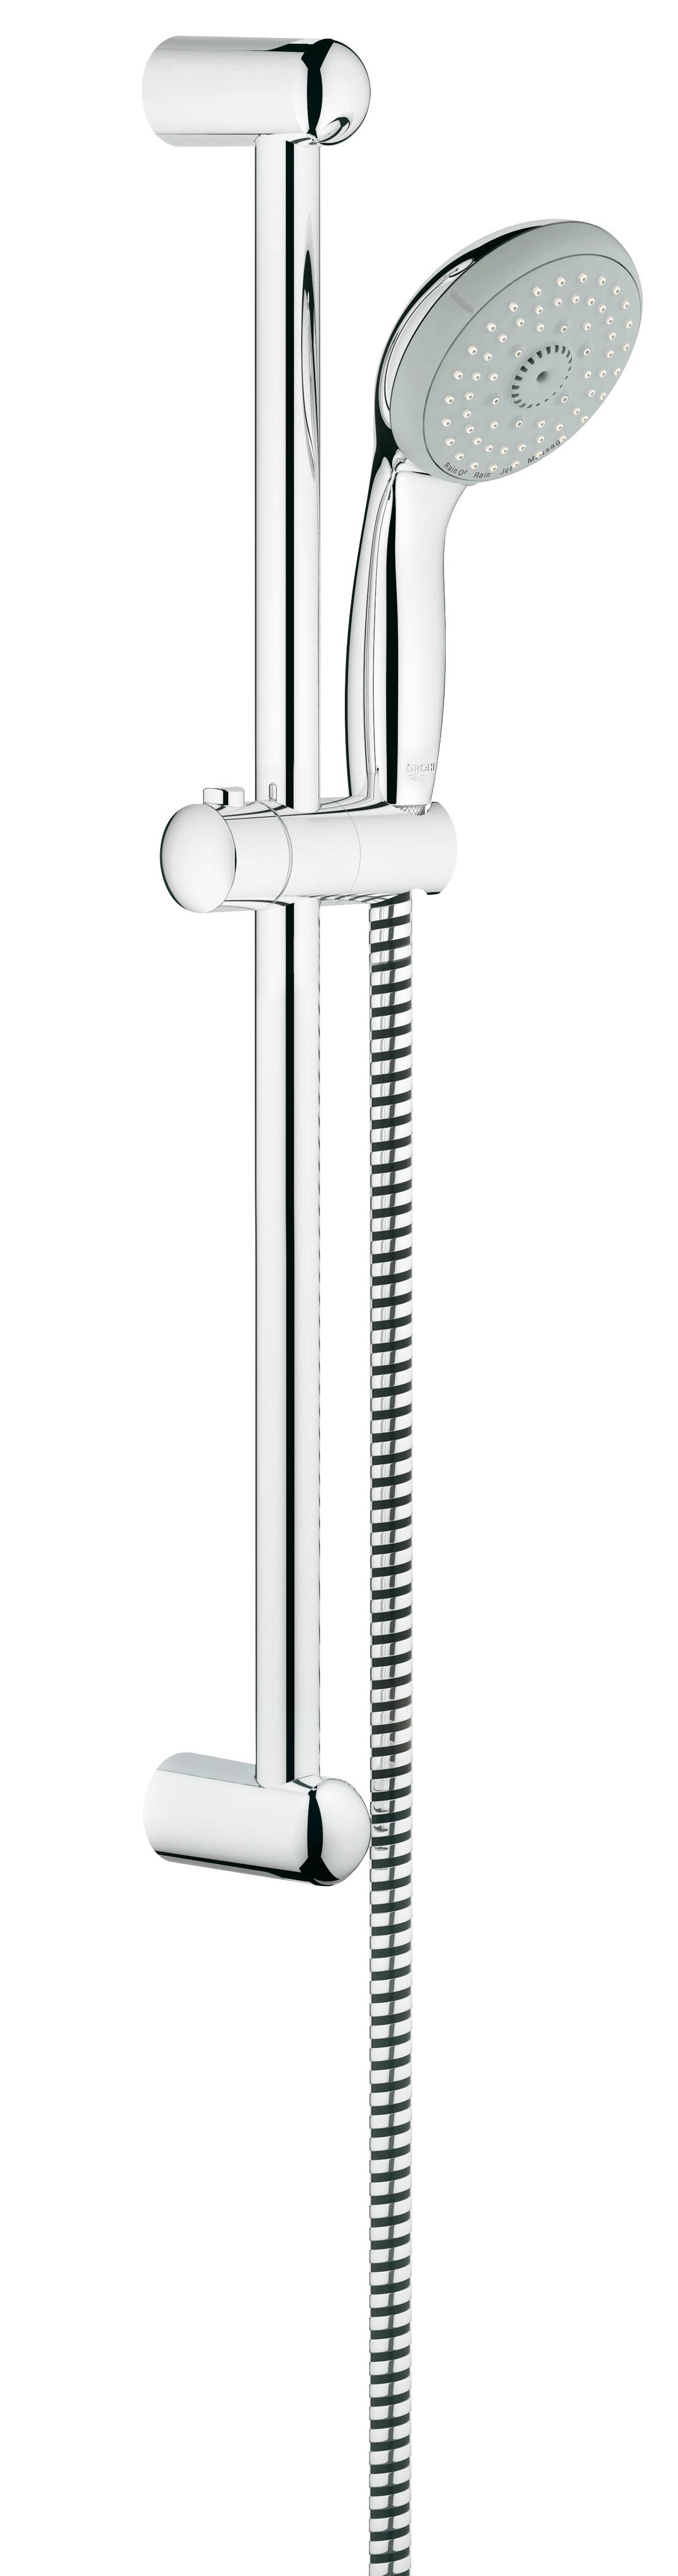 Душевой гарнитур GROHE Tempesta Classic (ручной душ, штанга 600 мм, шланг 1750 мм) (27795000)27795000GROHE New Tempesta 100: душевой гарнитур со штангой – с четырьмя режимами струи для Вашего комфорта Этот душевой гарнитур из серии GROHE New Tempesta 100, состоящий из ручного душа, душевой штанги и душевого шланга, отличается великолепными функциональными характеристиками и располагает четырьмя режимами струи, с которыми принятие душа превратится в восхитительное удовольствие. После длинного рабочего дня устройте себе расслабляющий массаж головы и шеи с помощью режима Massage, а затем – погрузитесь в наслаждение ласковым летним дождем, переключив душ в режим Rain. В режиме GROHE Rain O? Вас окутает невероятно нежный поток капель, а в интенсивном режиме Jet струя воды поможет тонизировать кожный покров. Режим Jet также поможет Вам быстро ополоснуть душевой поддон после купания. Душевая головка легко очищается от известковых отложений благодаря системе SpeedClean, предотвращающей известкование. Сияющий блеск износостойкого хромированного покрытия GROHE StarLight легко поддерживать в...